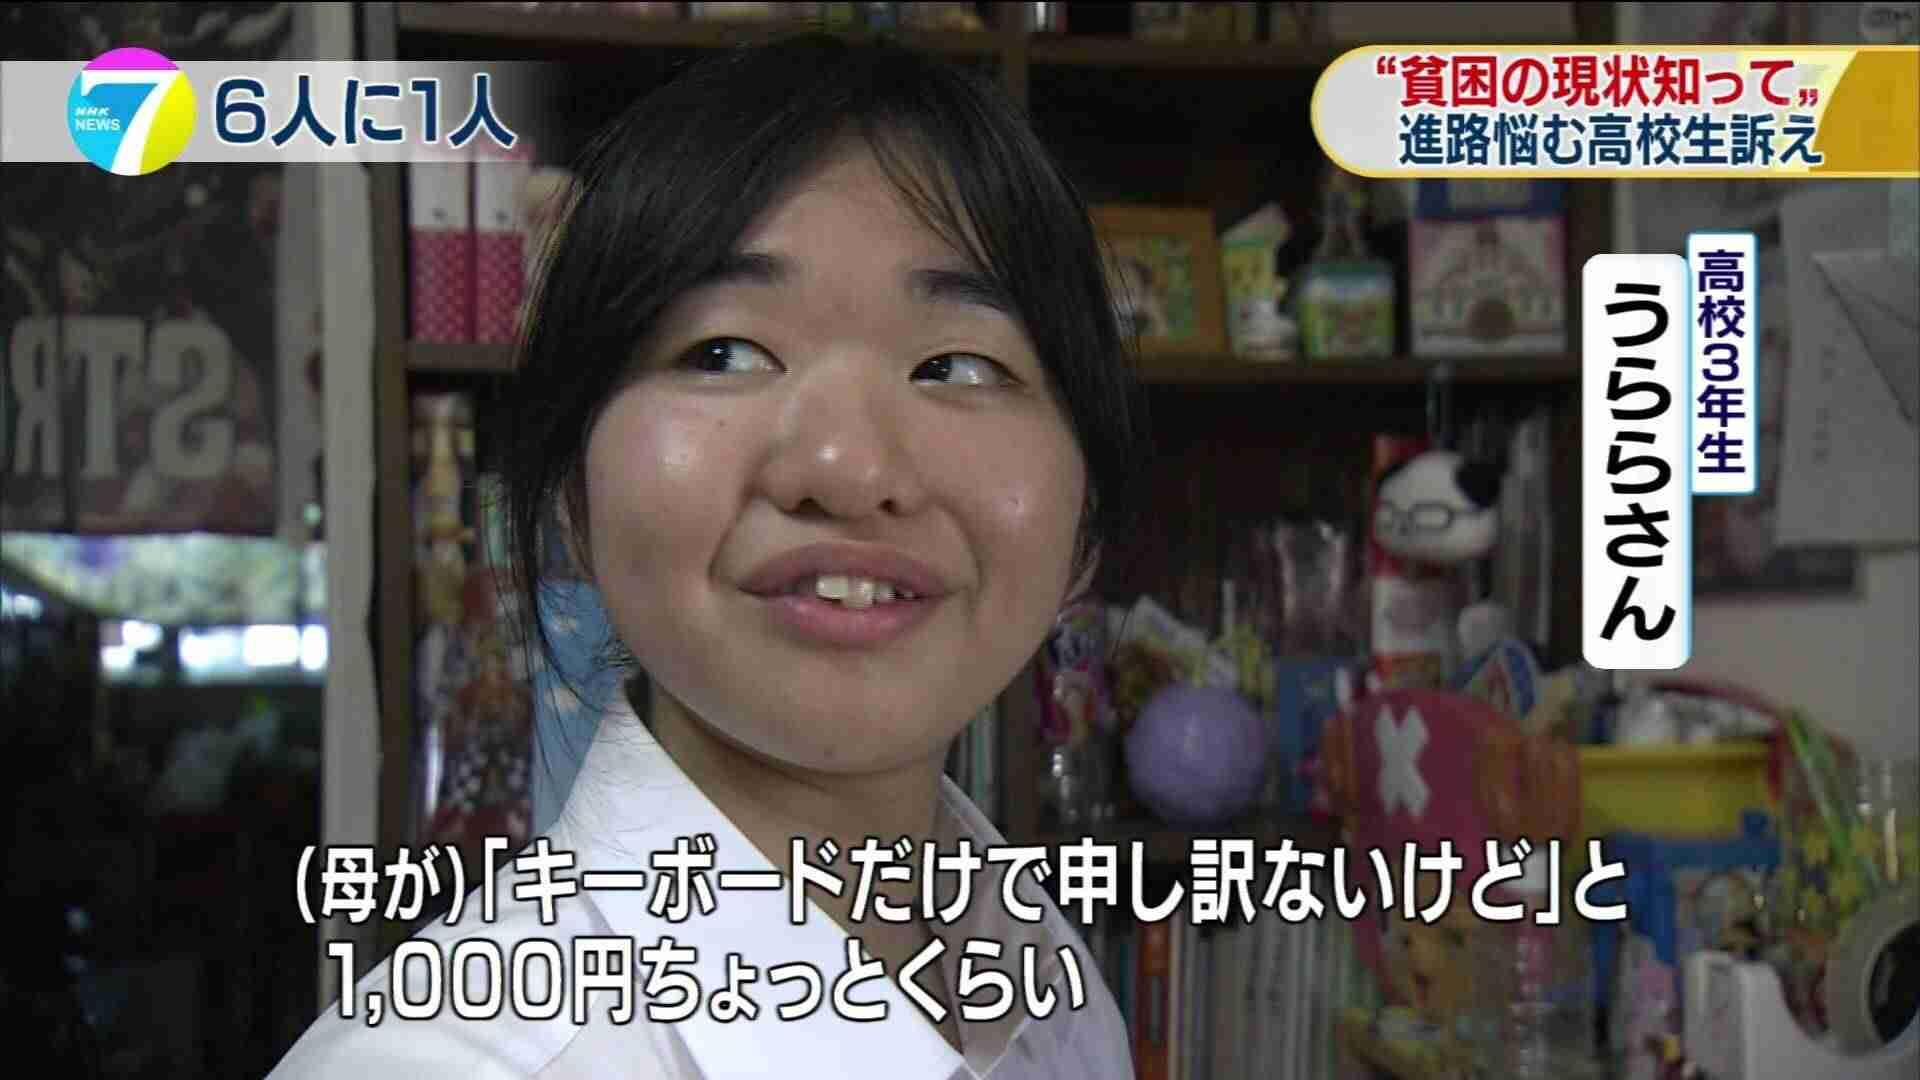 【炎上】NHKに自称「貧困女子高生」が登場するも豪遊発覚。同級生も怒りの告発   netgeek